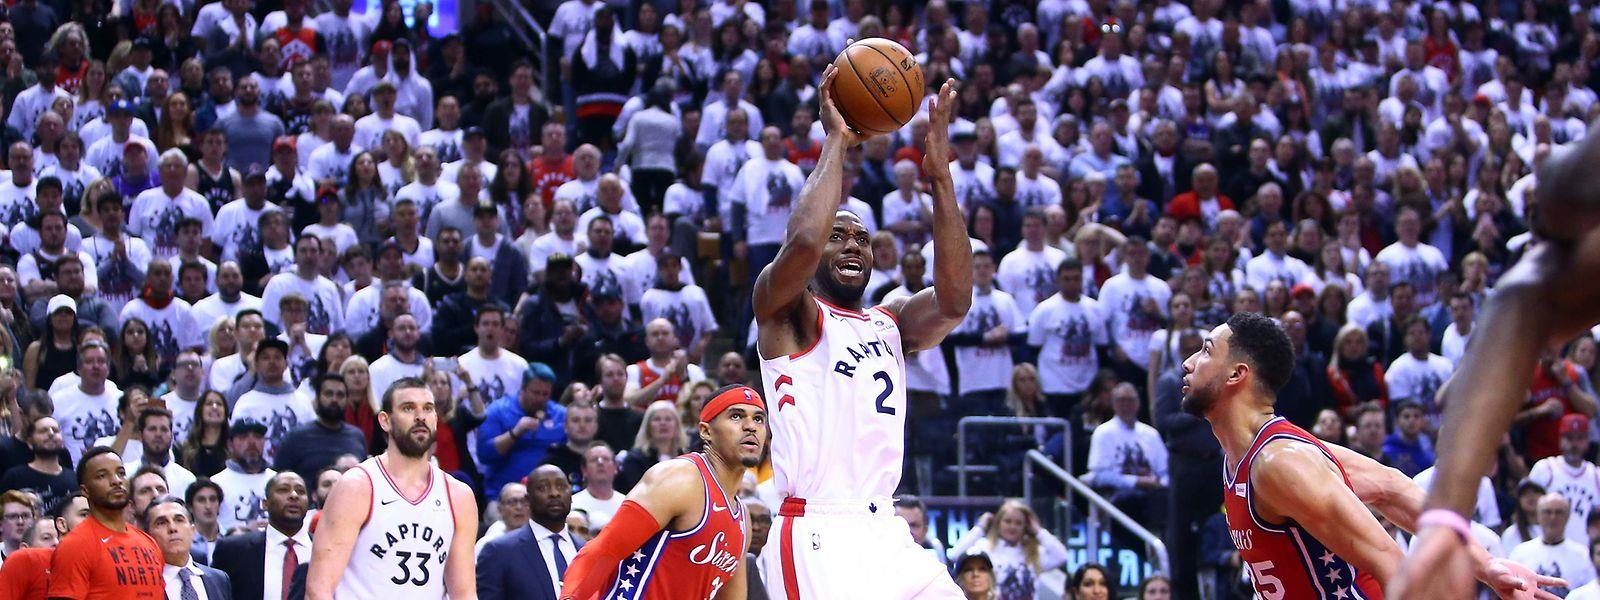 Kawhi Leonards goldener Wurf bescherte den Toronto Raptors einen Last-Minute Sieg.